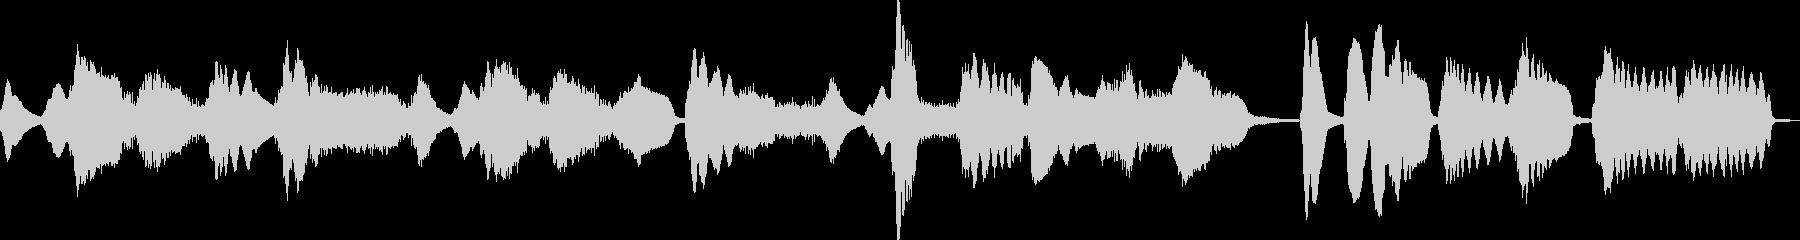 ハッピーバースディトゥーユー/リコーダーの未再生の波形